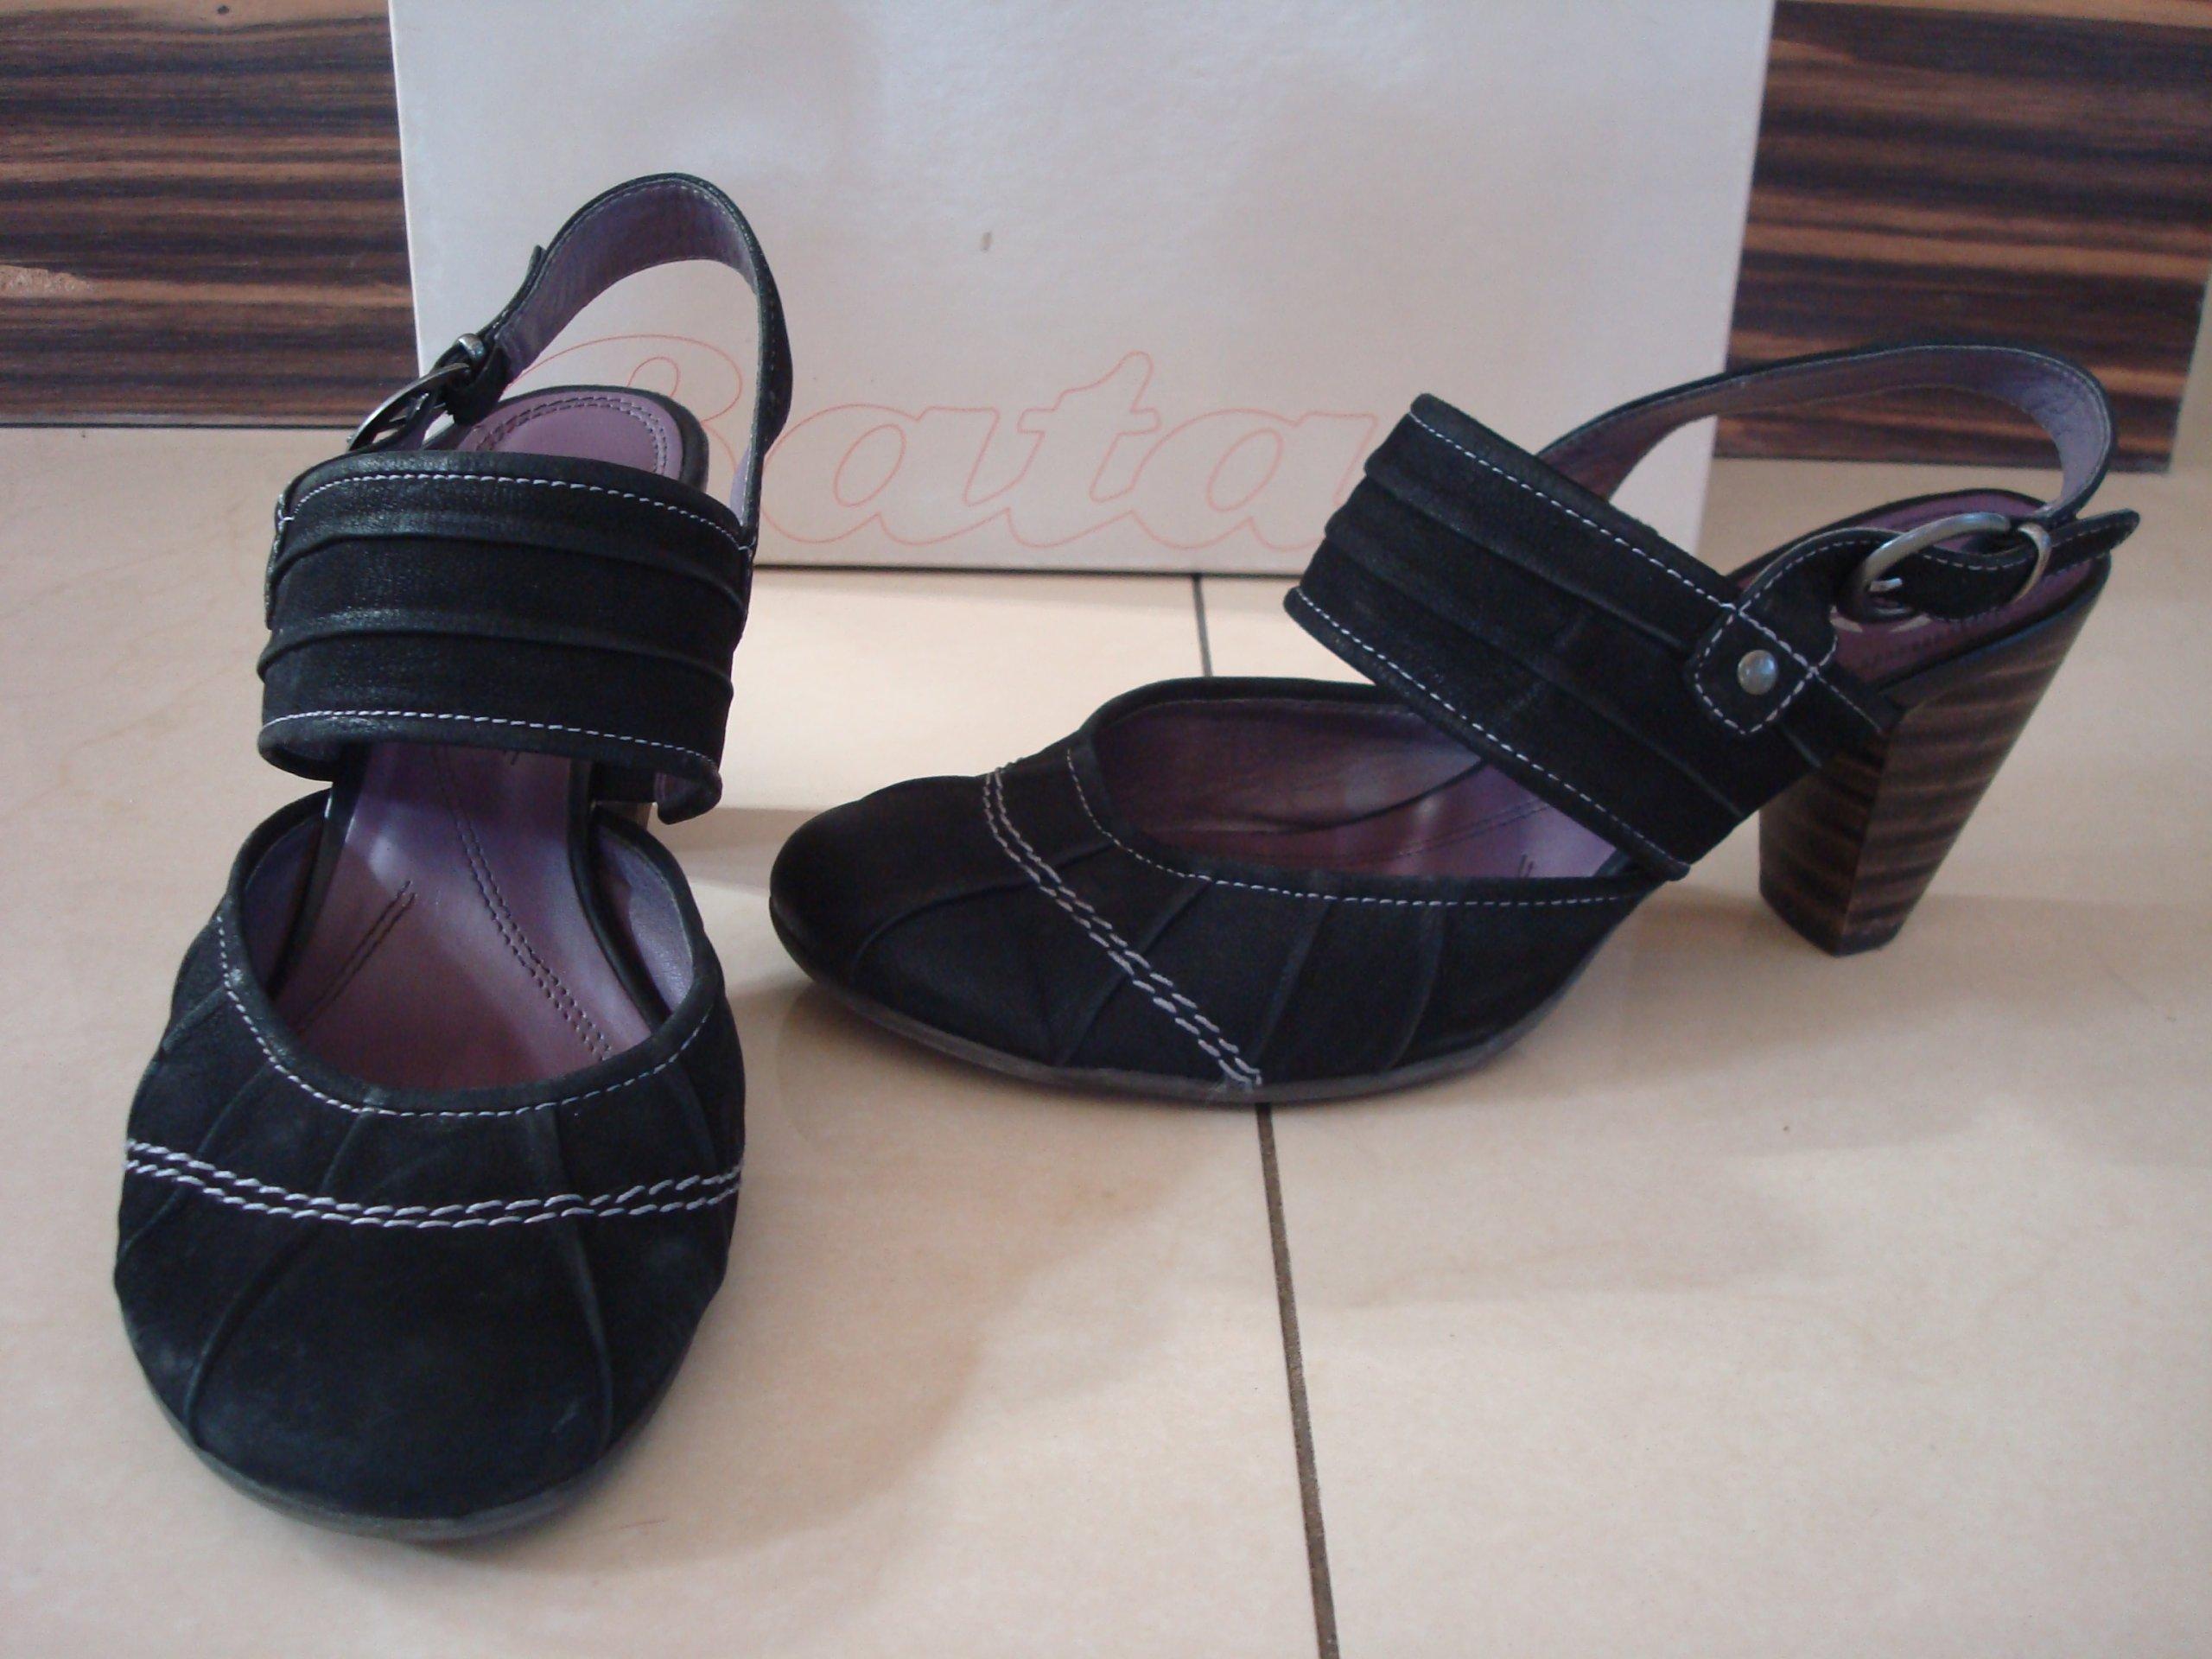 24a0577aa9fb6 Jak nowe skórzane sandały BATA roz. 38 - 7332570642 - oficjalne archiwum  allegro